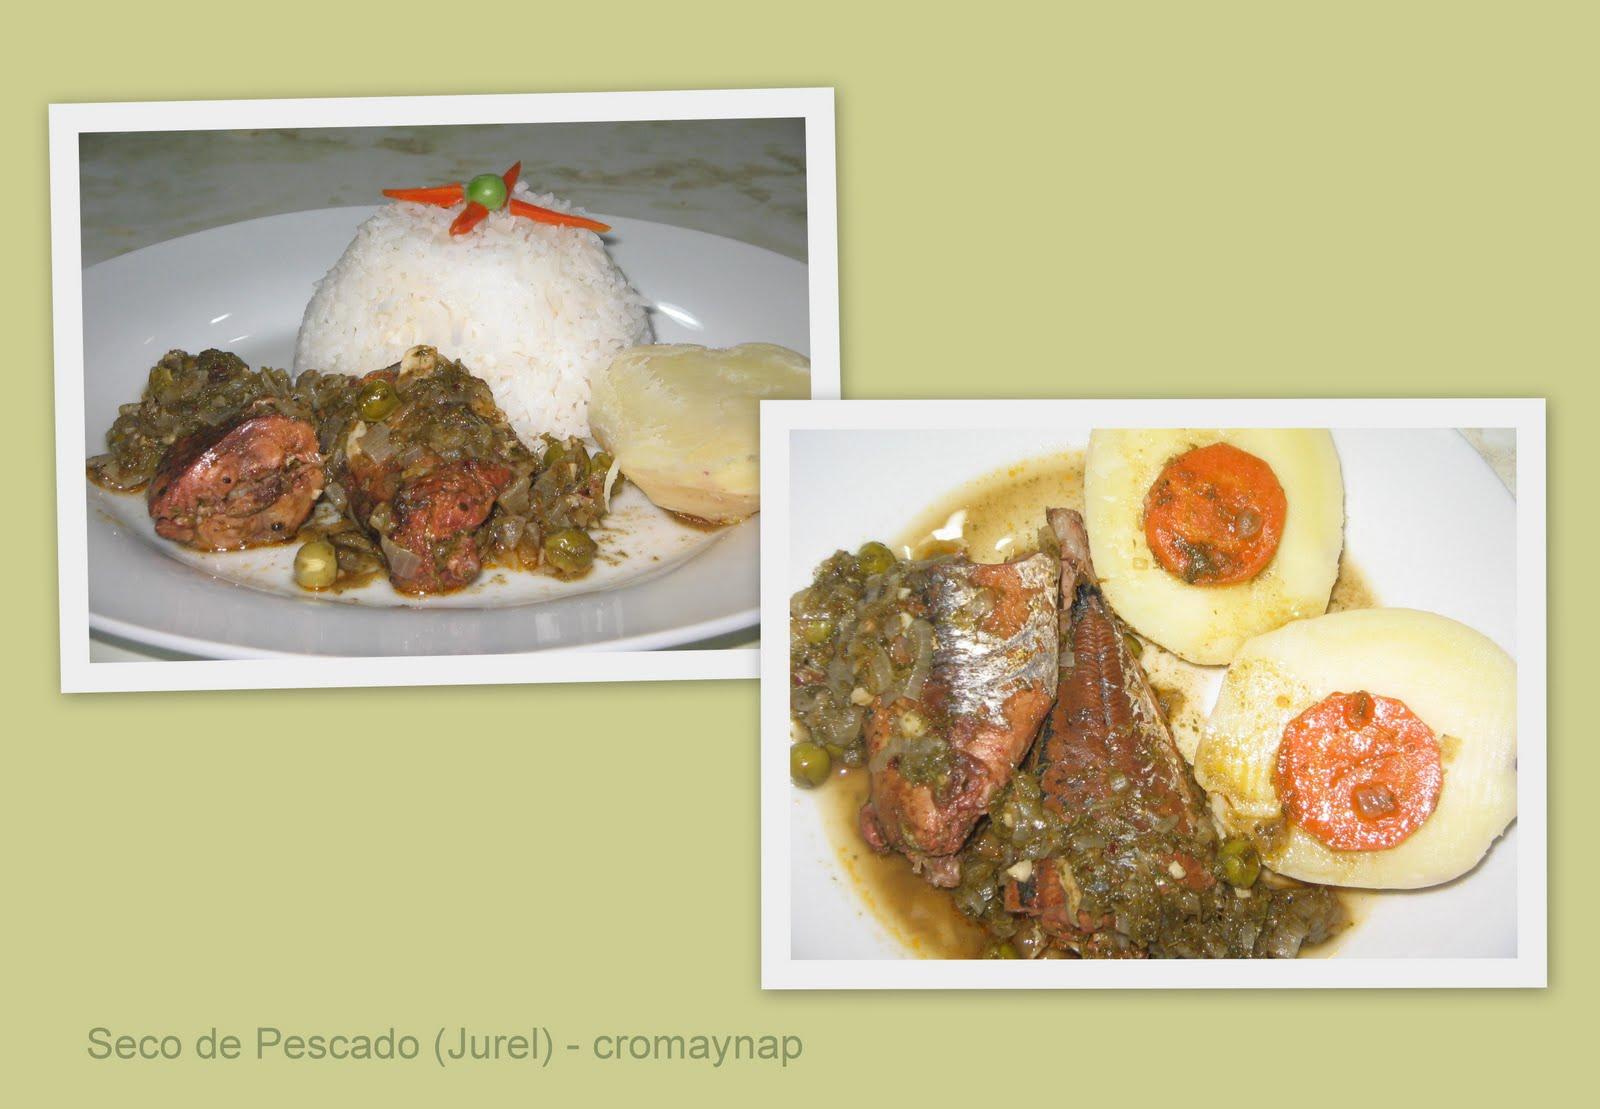 Sugerencias gastronomicas un delicioso seco de pescado for Cocinar jurel